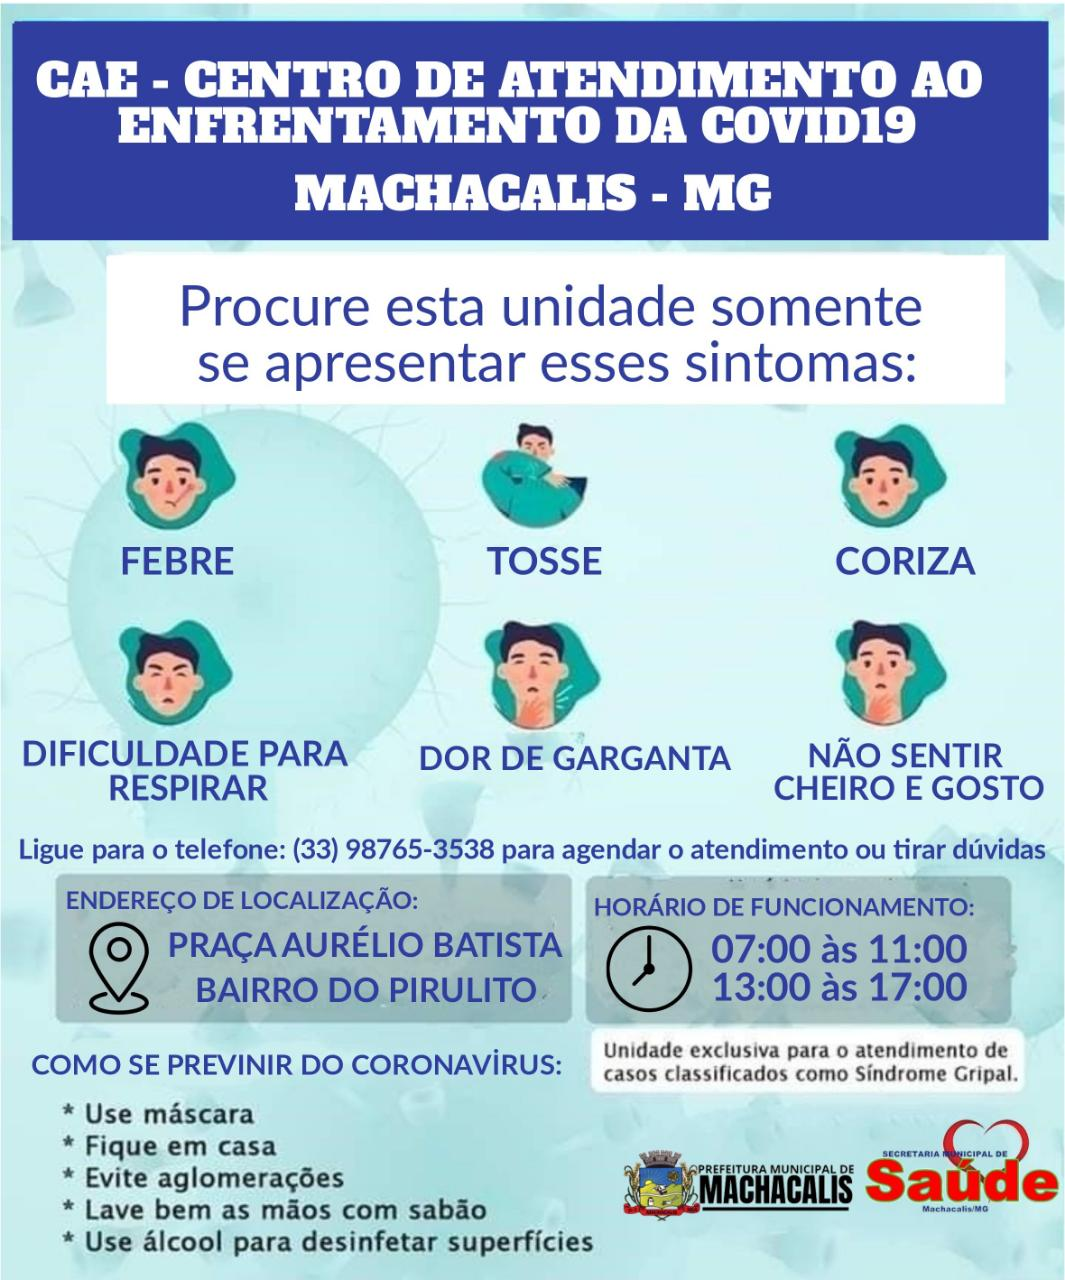 PRESTEM ATENÇÃO NO FLUXO DE ATENDIMENTO CAE COVID 19